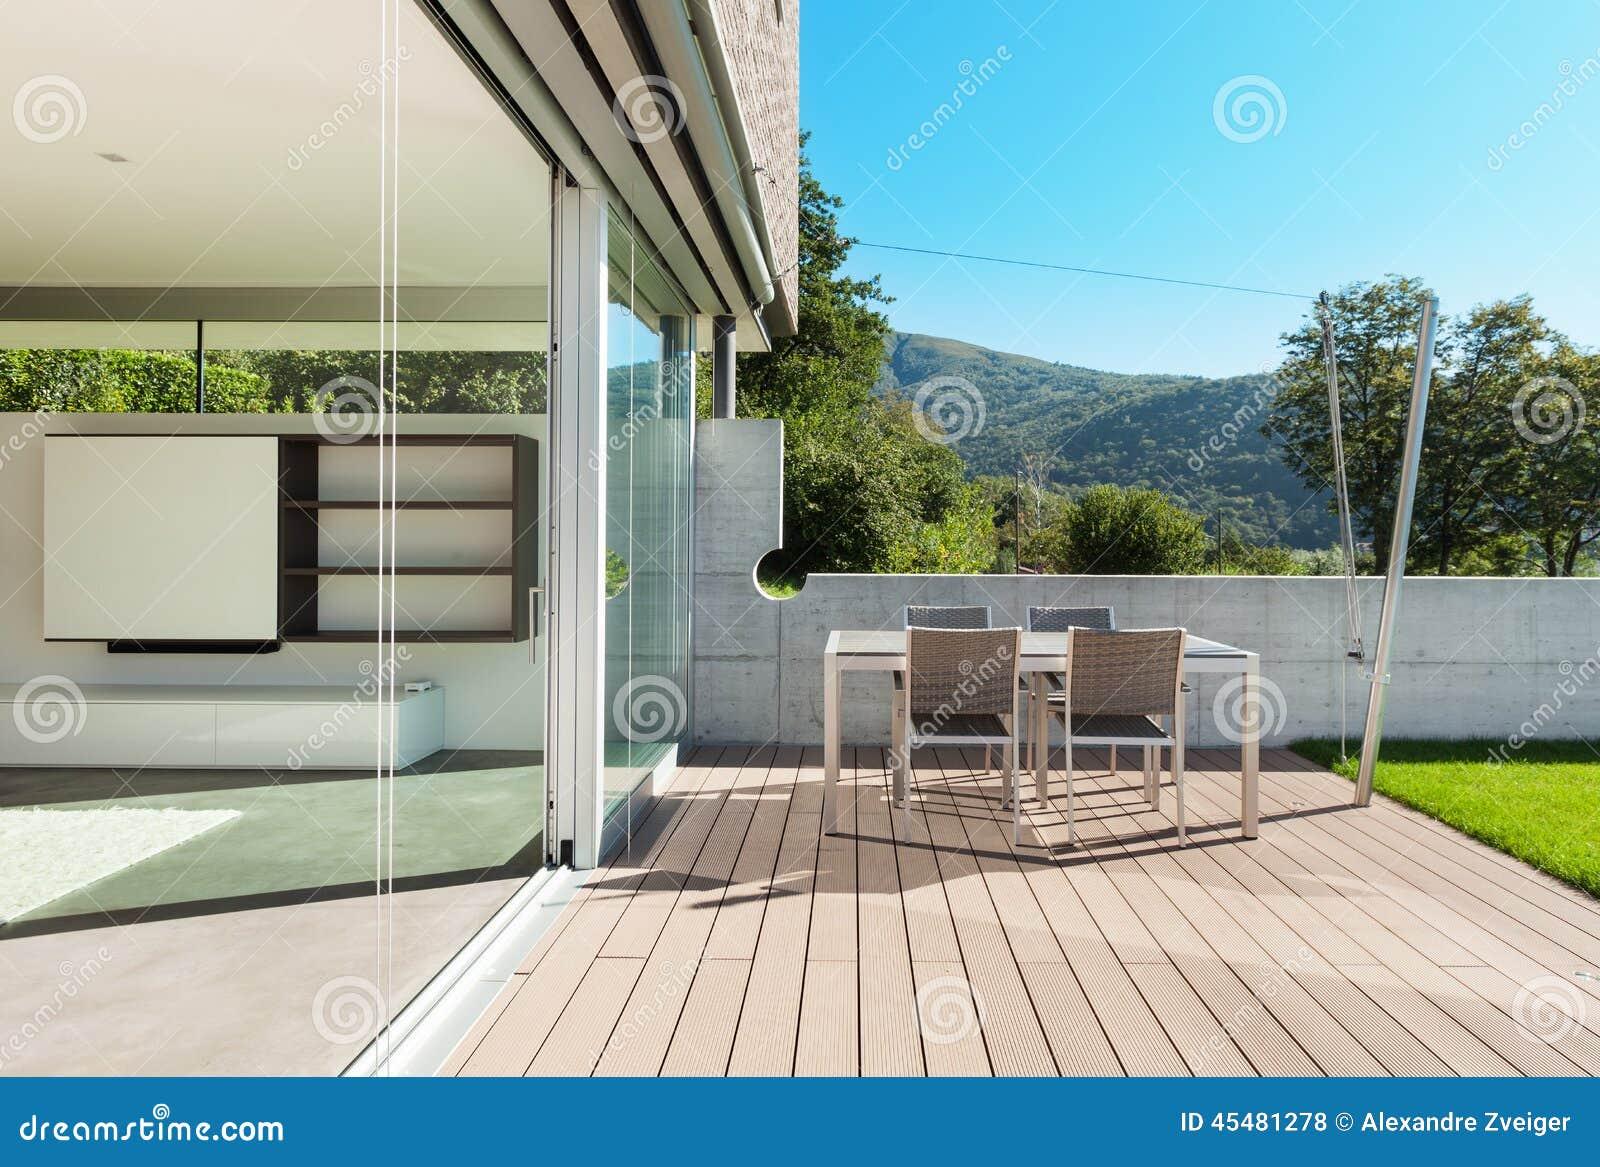 Download Architektur, Modernes Haus, Im Freien Stockfoto   Bild Von Raum,  Haupt: